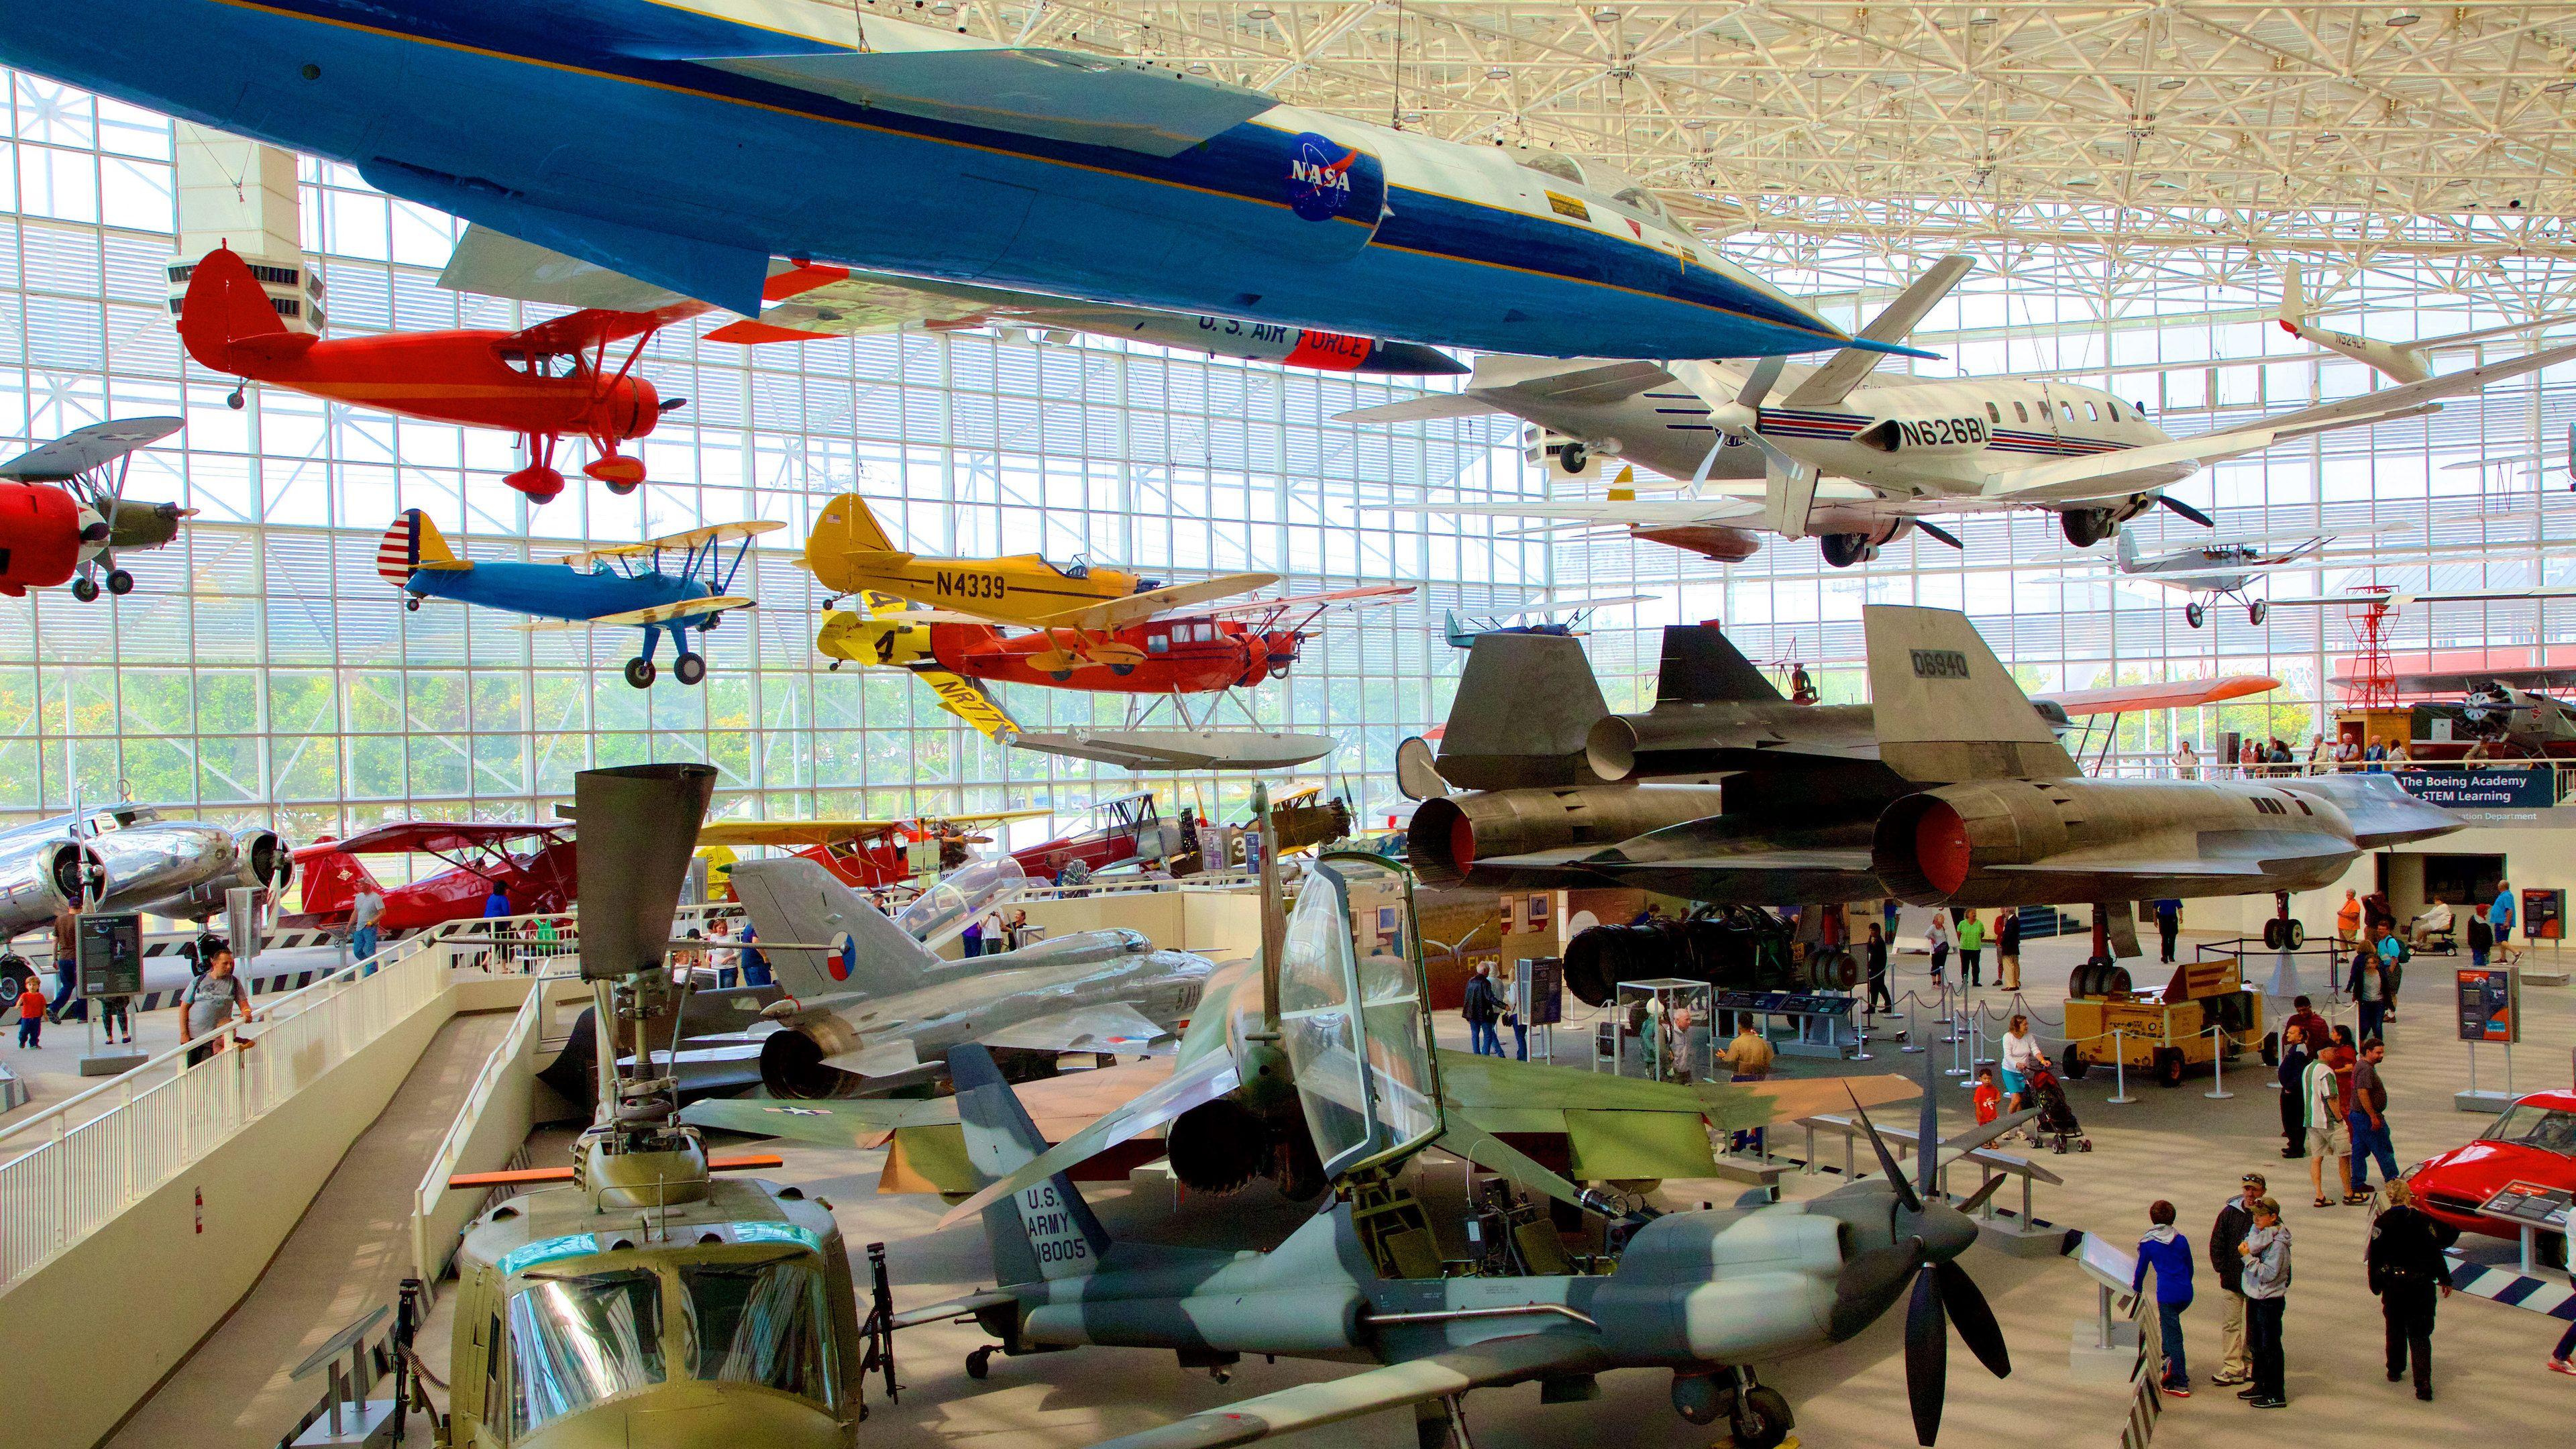 Museum of Flight in Seattle